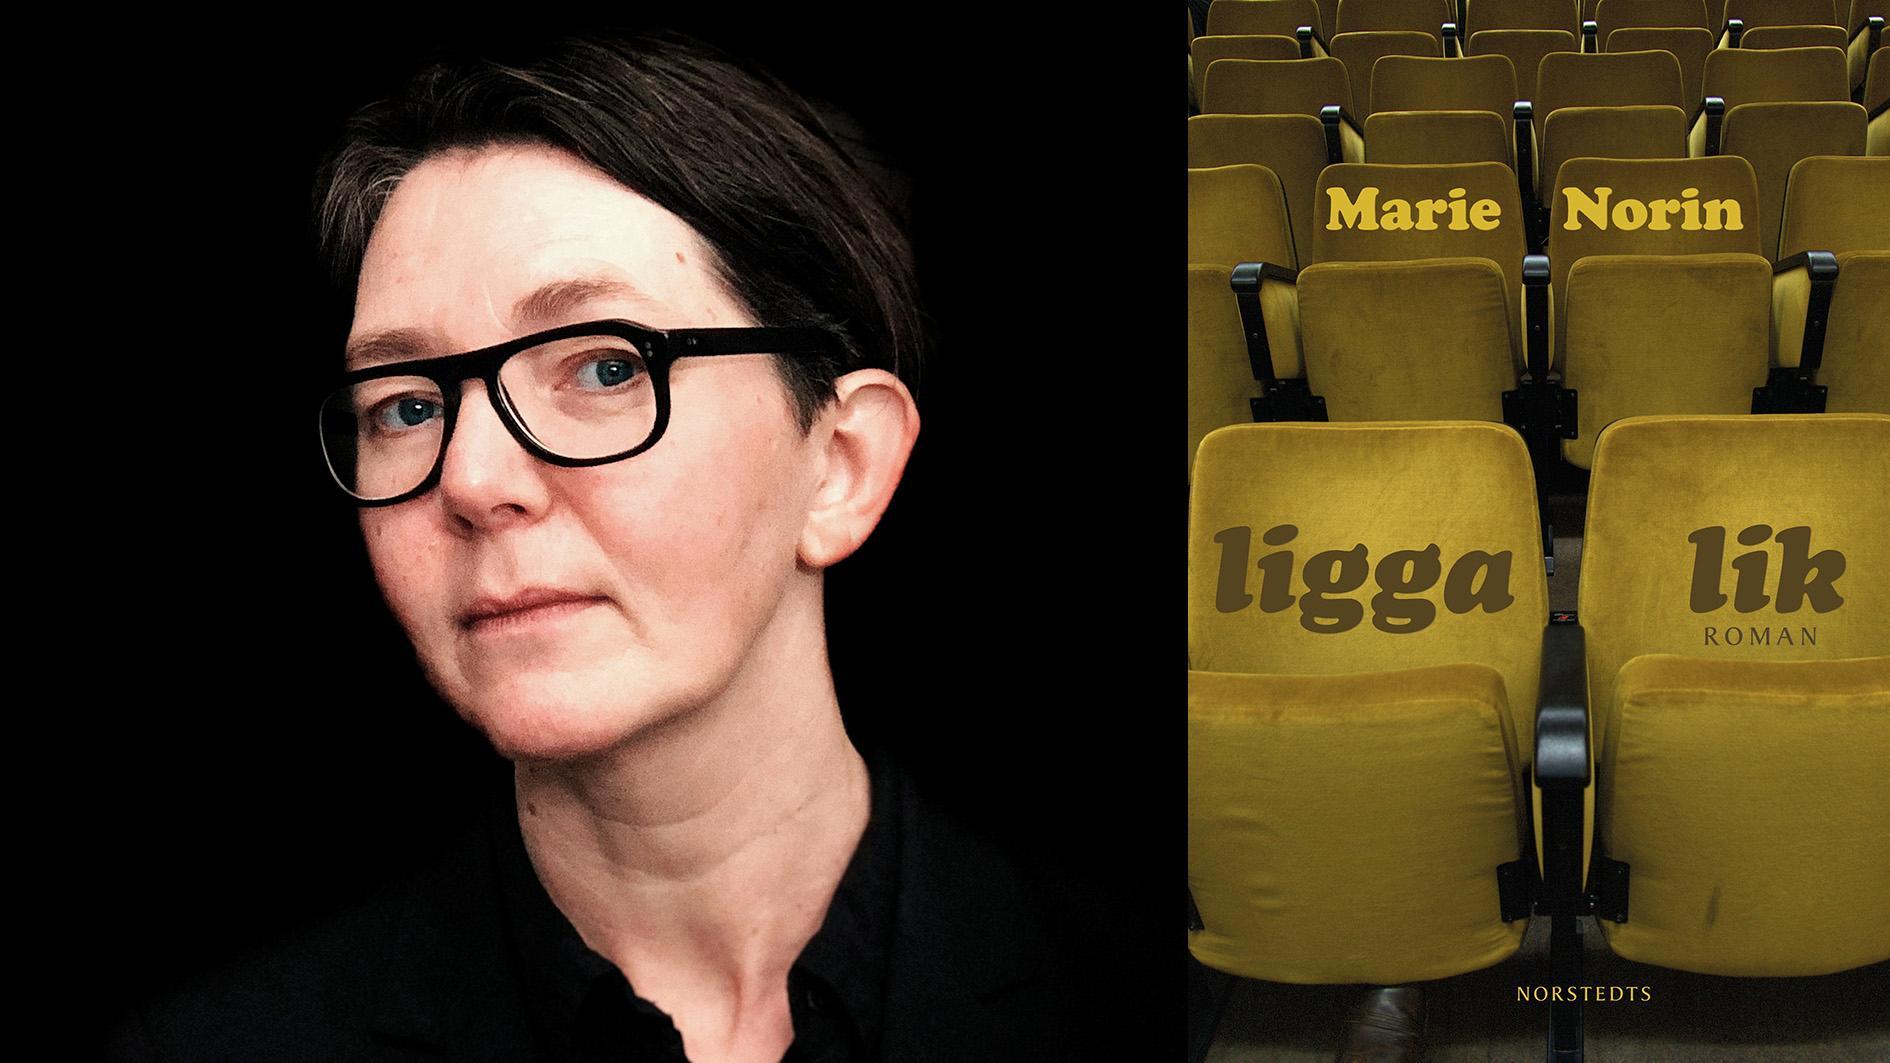 Marie Norin (född 1967) debuterade 1996 och har givit ut ett tiotal böcker i olika genrer. Hon är också verksam som översättare och samtalsterapeut.